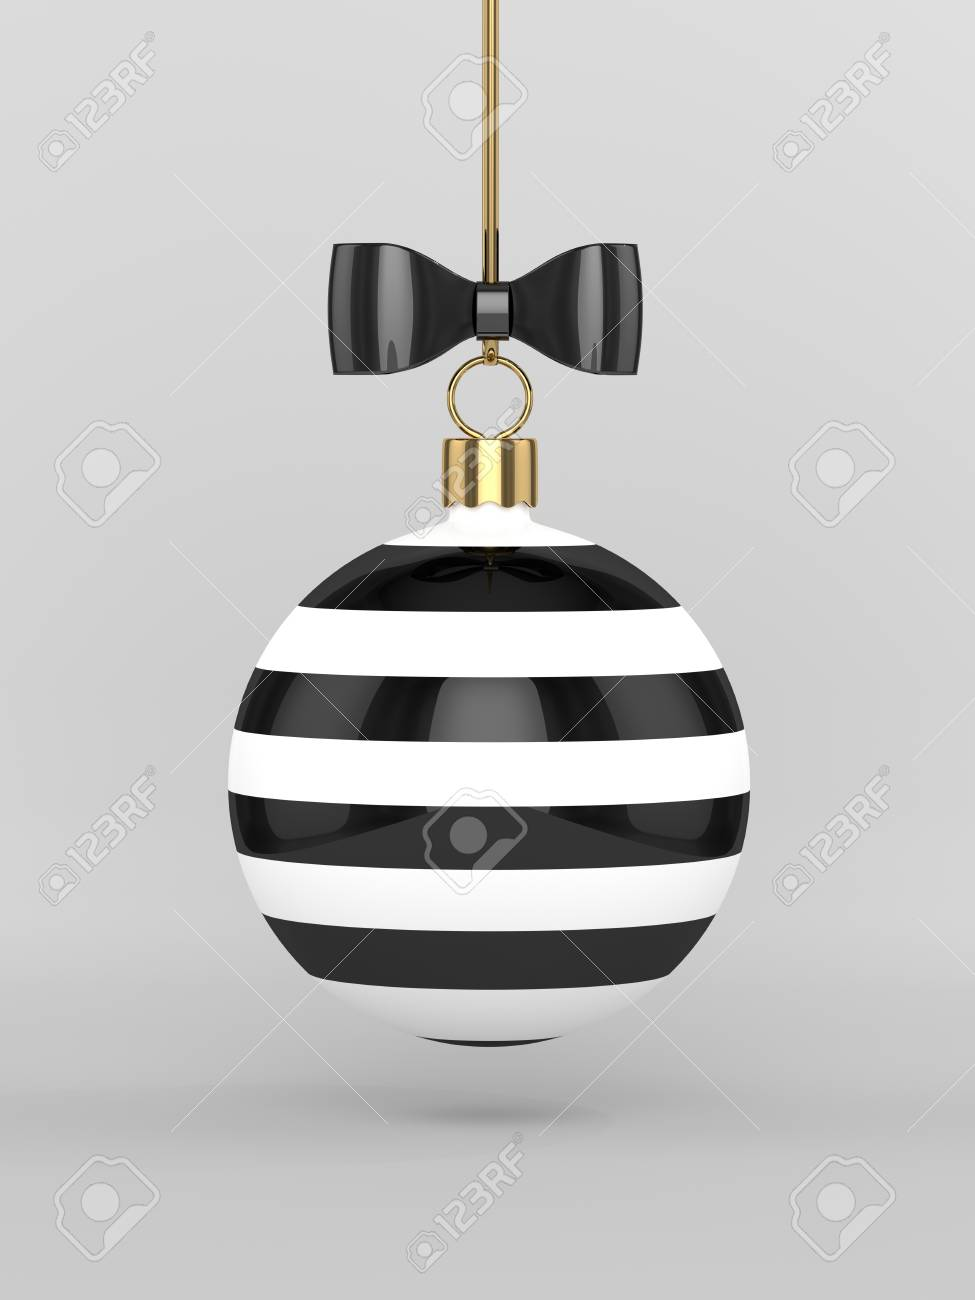 Rendu 3d De Boule De Noël Noir Et Blanc Sur Fond Gris